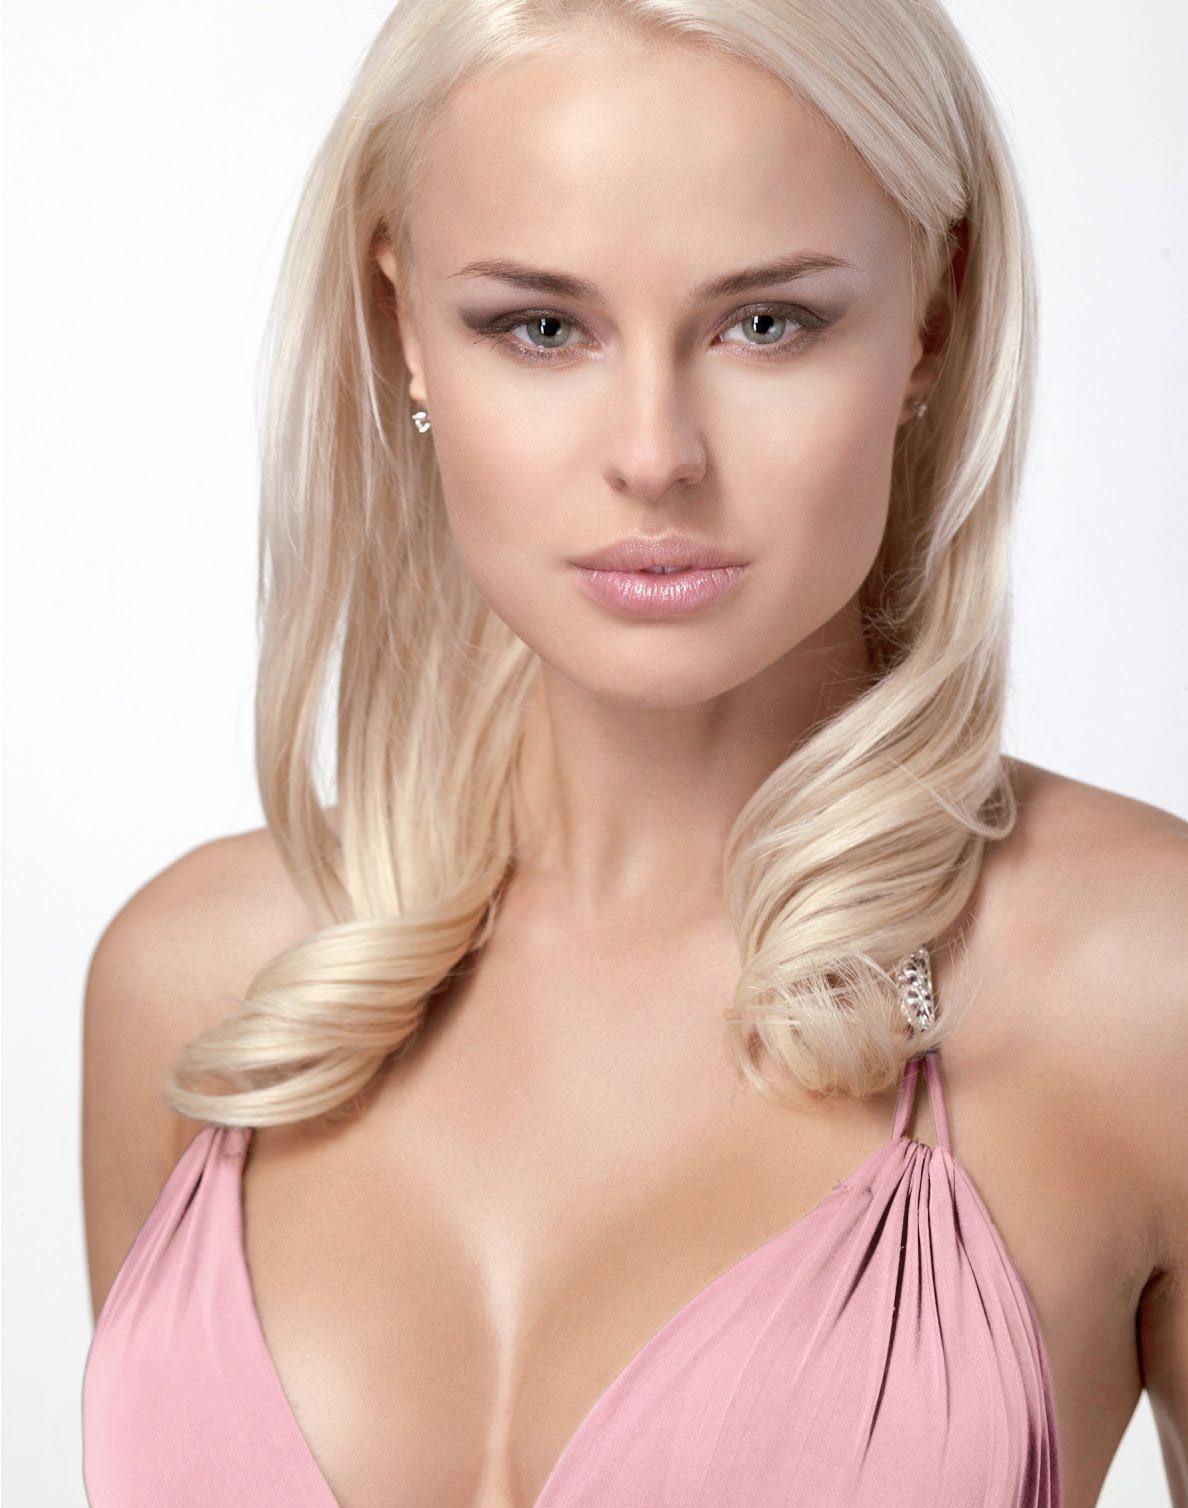 Самые красивые девушки украины 18 25 фотография